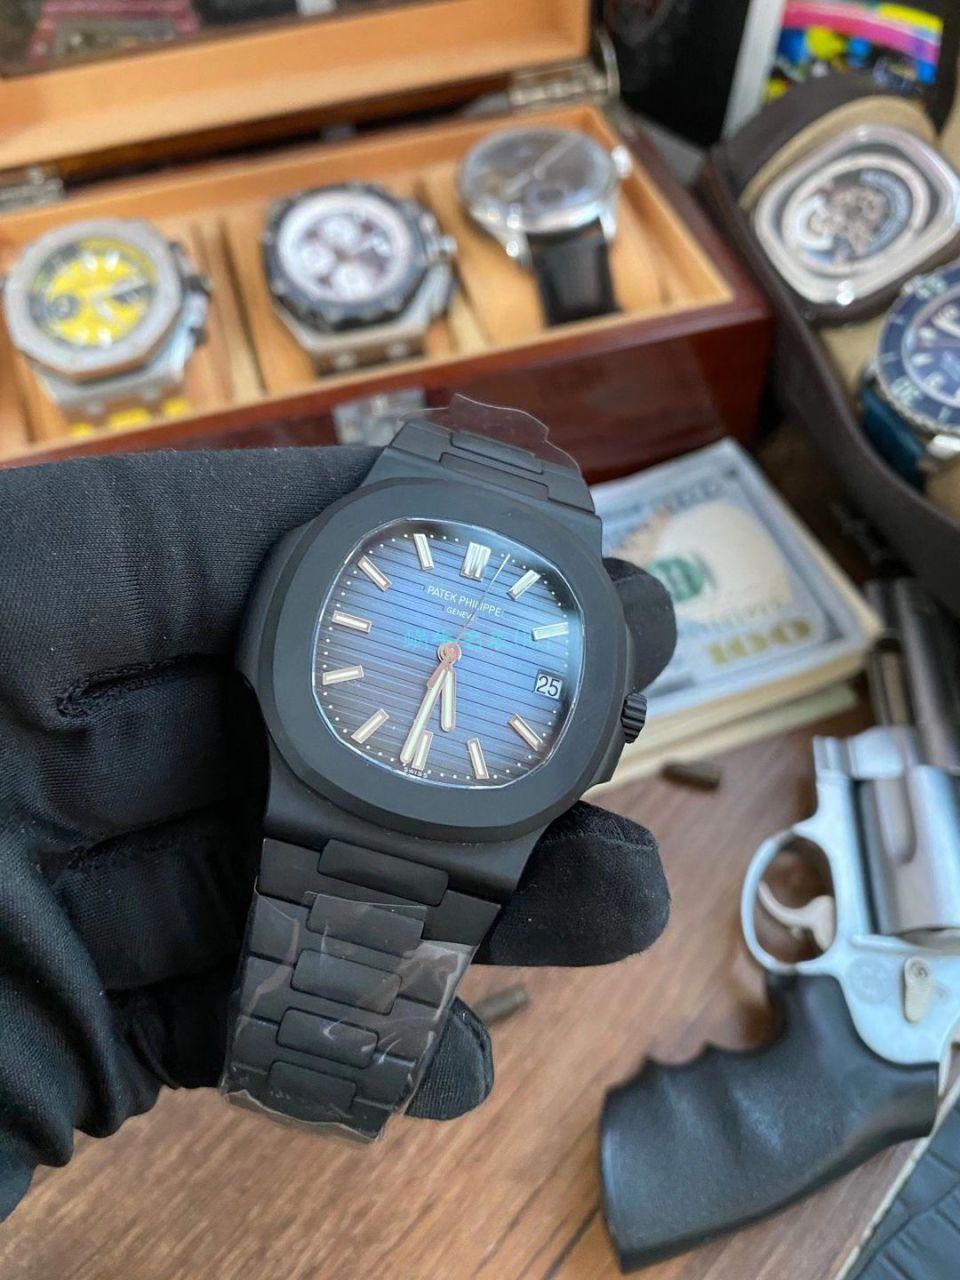 PPF厂V4 DCL版(金刚石碳涂层表壳)百达翡丽鹦鹉螺1比1超级复刻手表5711/1A-010 / BD360